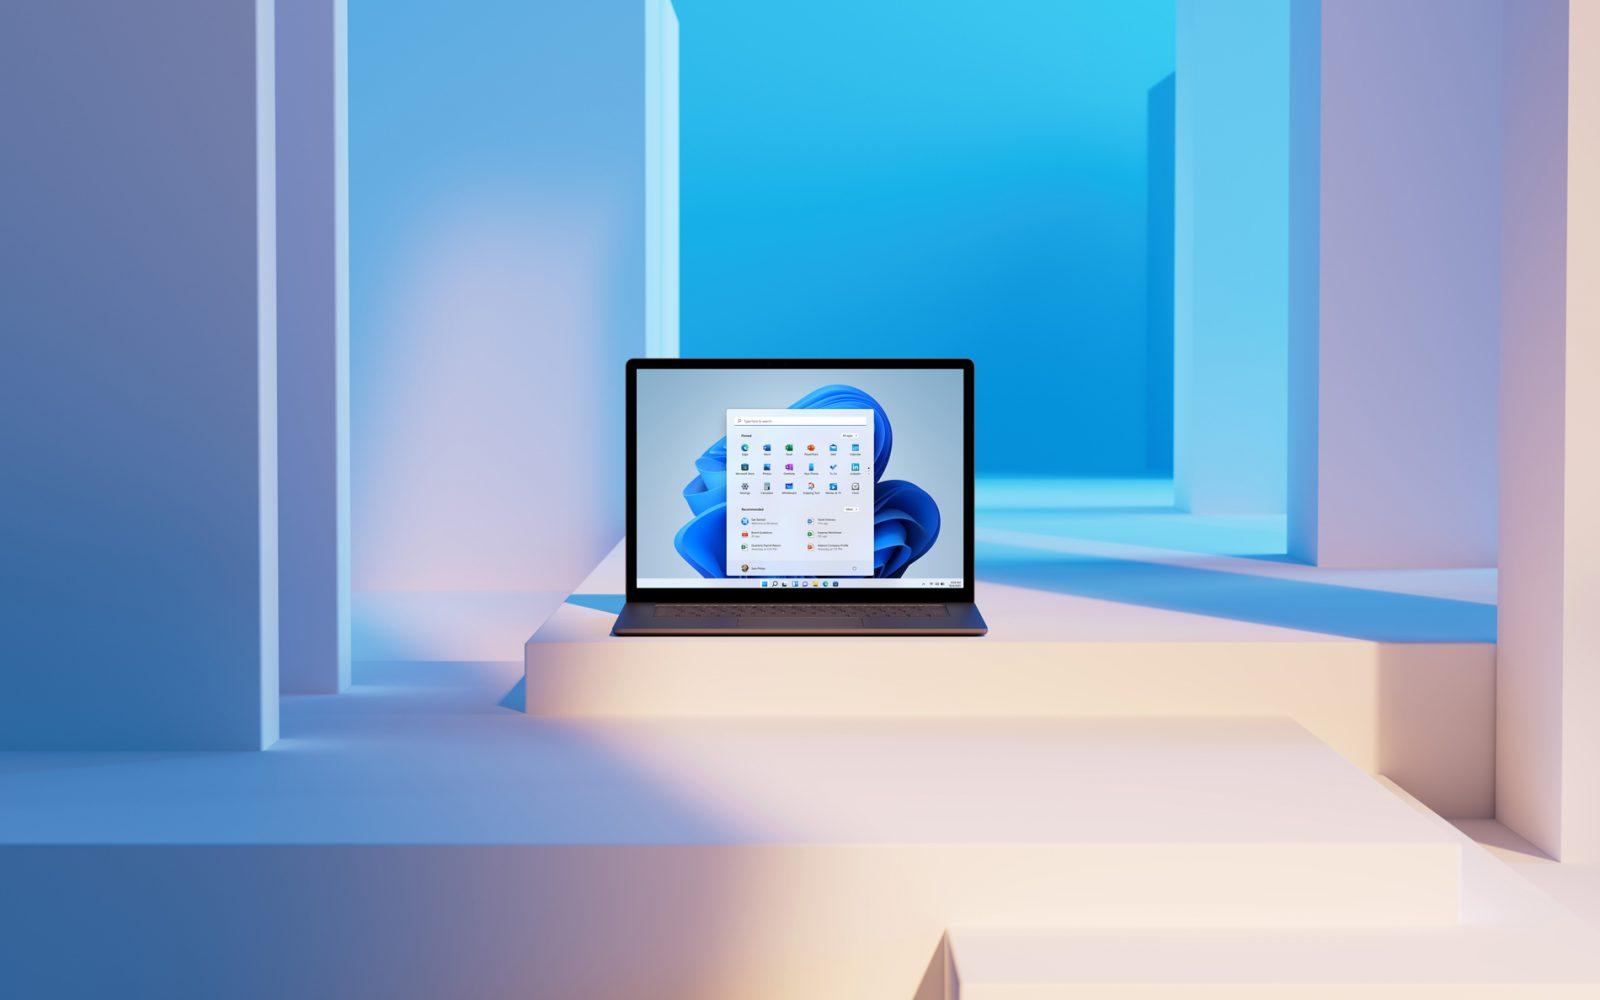 Microsoft Windows 11 se lanzará el 5 de octubre, solo 103 días después de ser anunciado